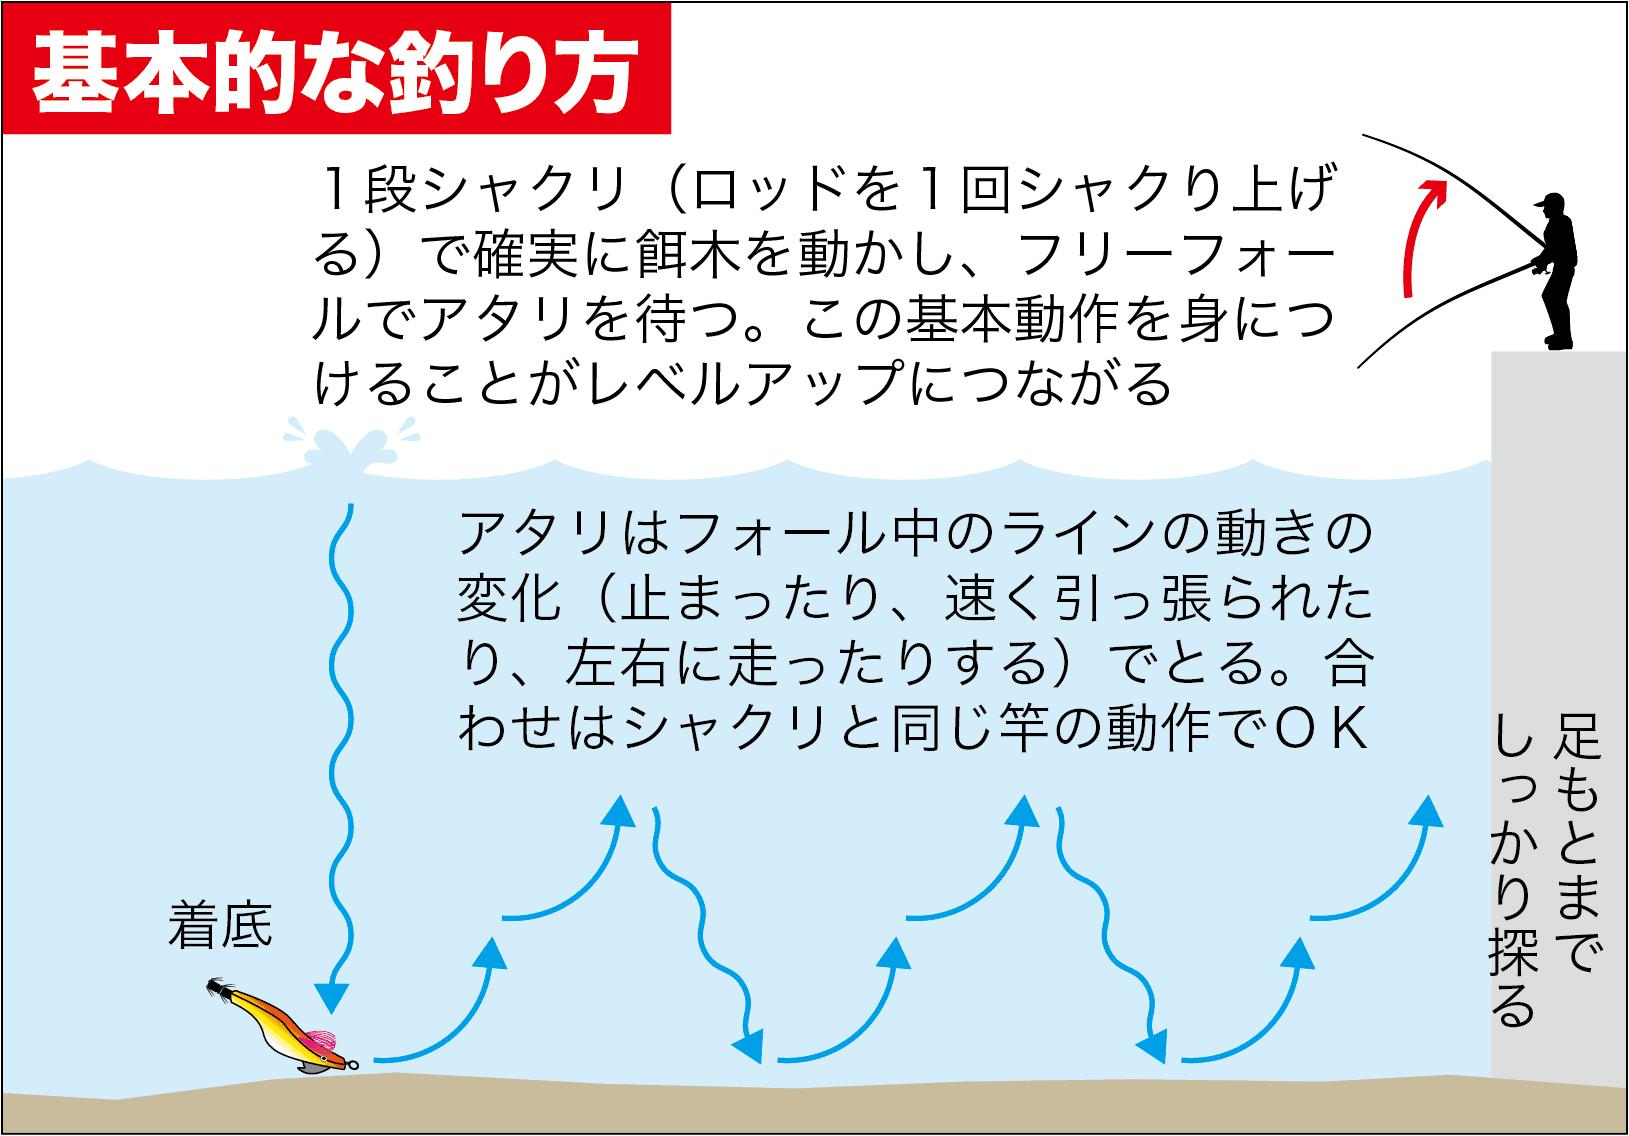 エギング+α神子漁港3